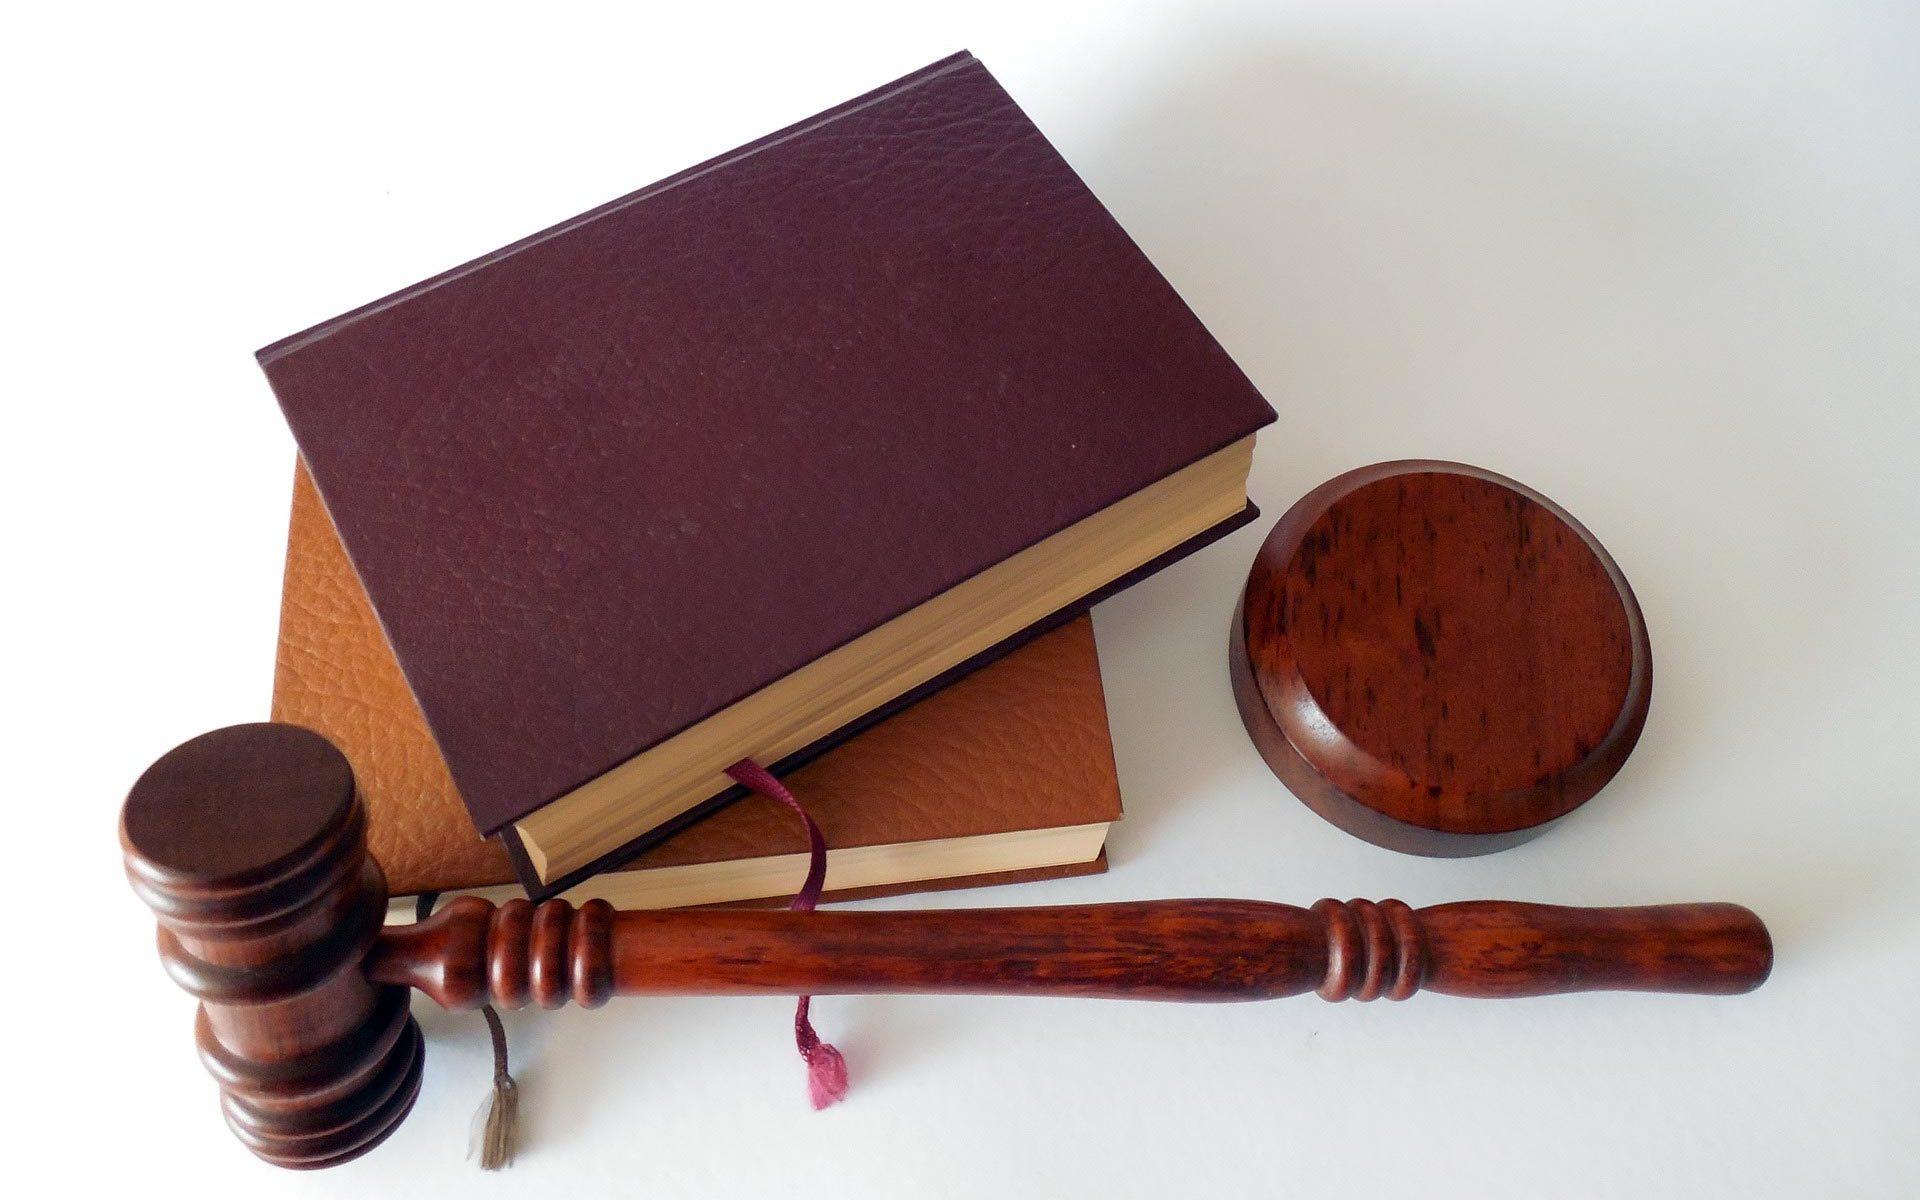 Právo - kladívko a knihy